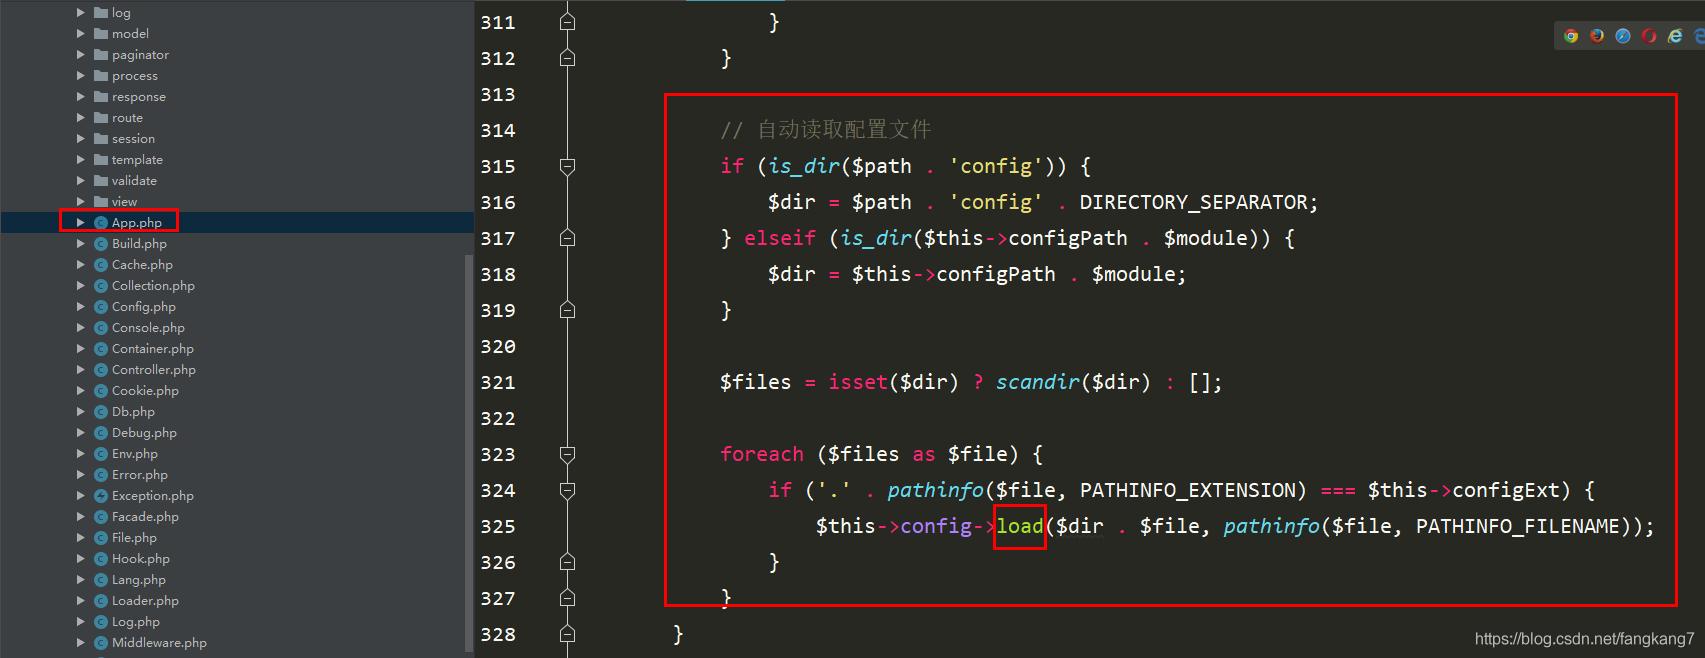 ThinkPHP之配置源码执行流程_亿码酷站_编程开发技术教程插图4